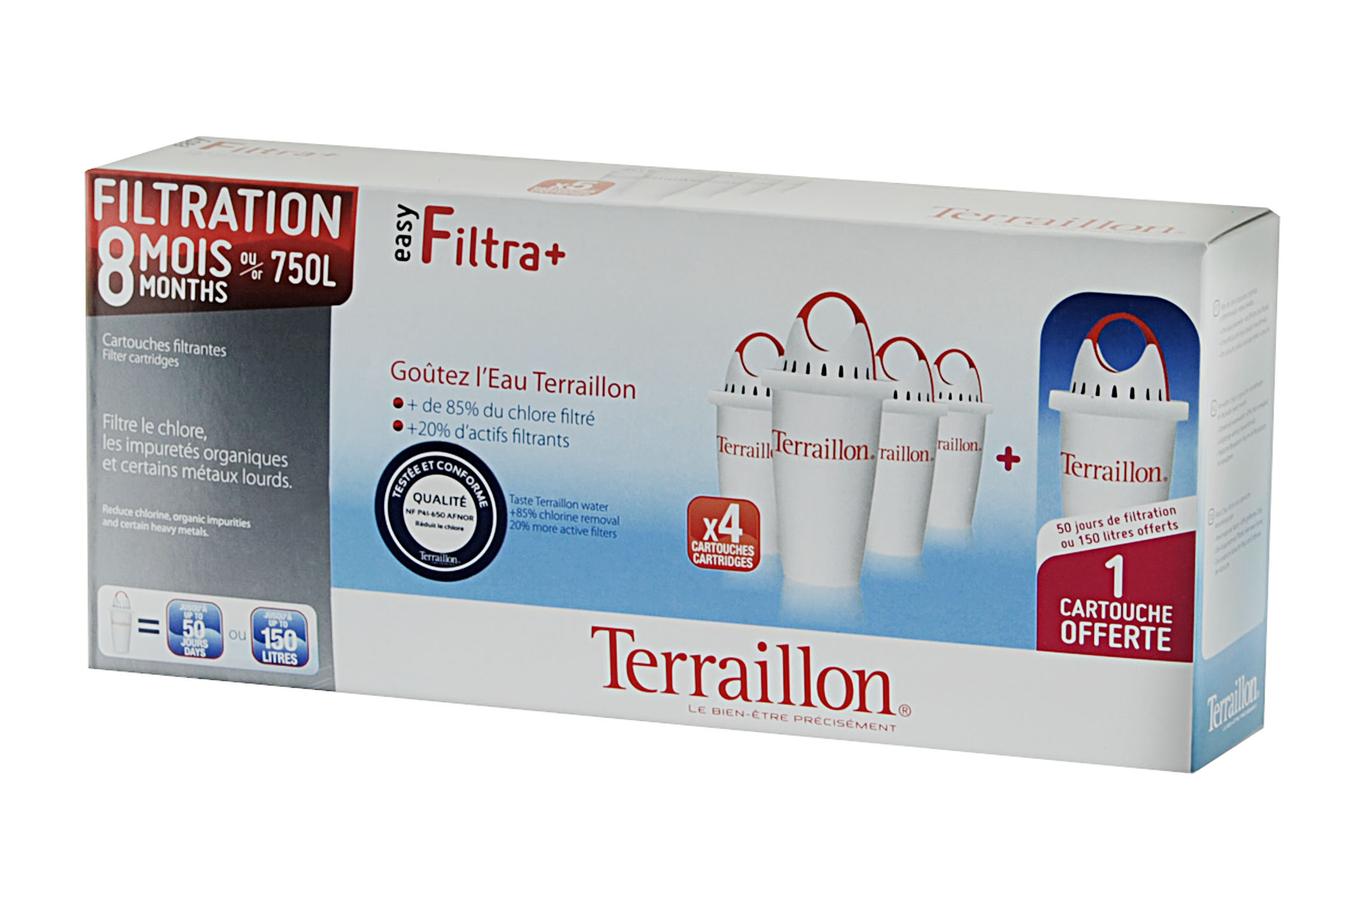 Cartouche filtre eau terraillon easy filtra 6 2 mois 1298330 darty - Cartouche filtrante terraillon ...